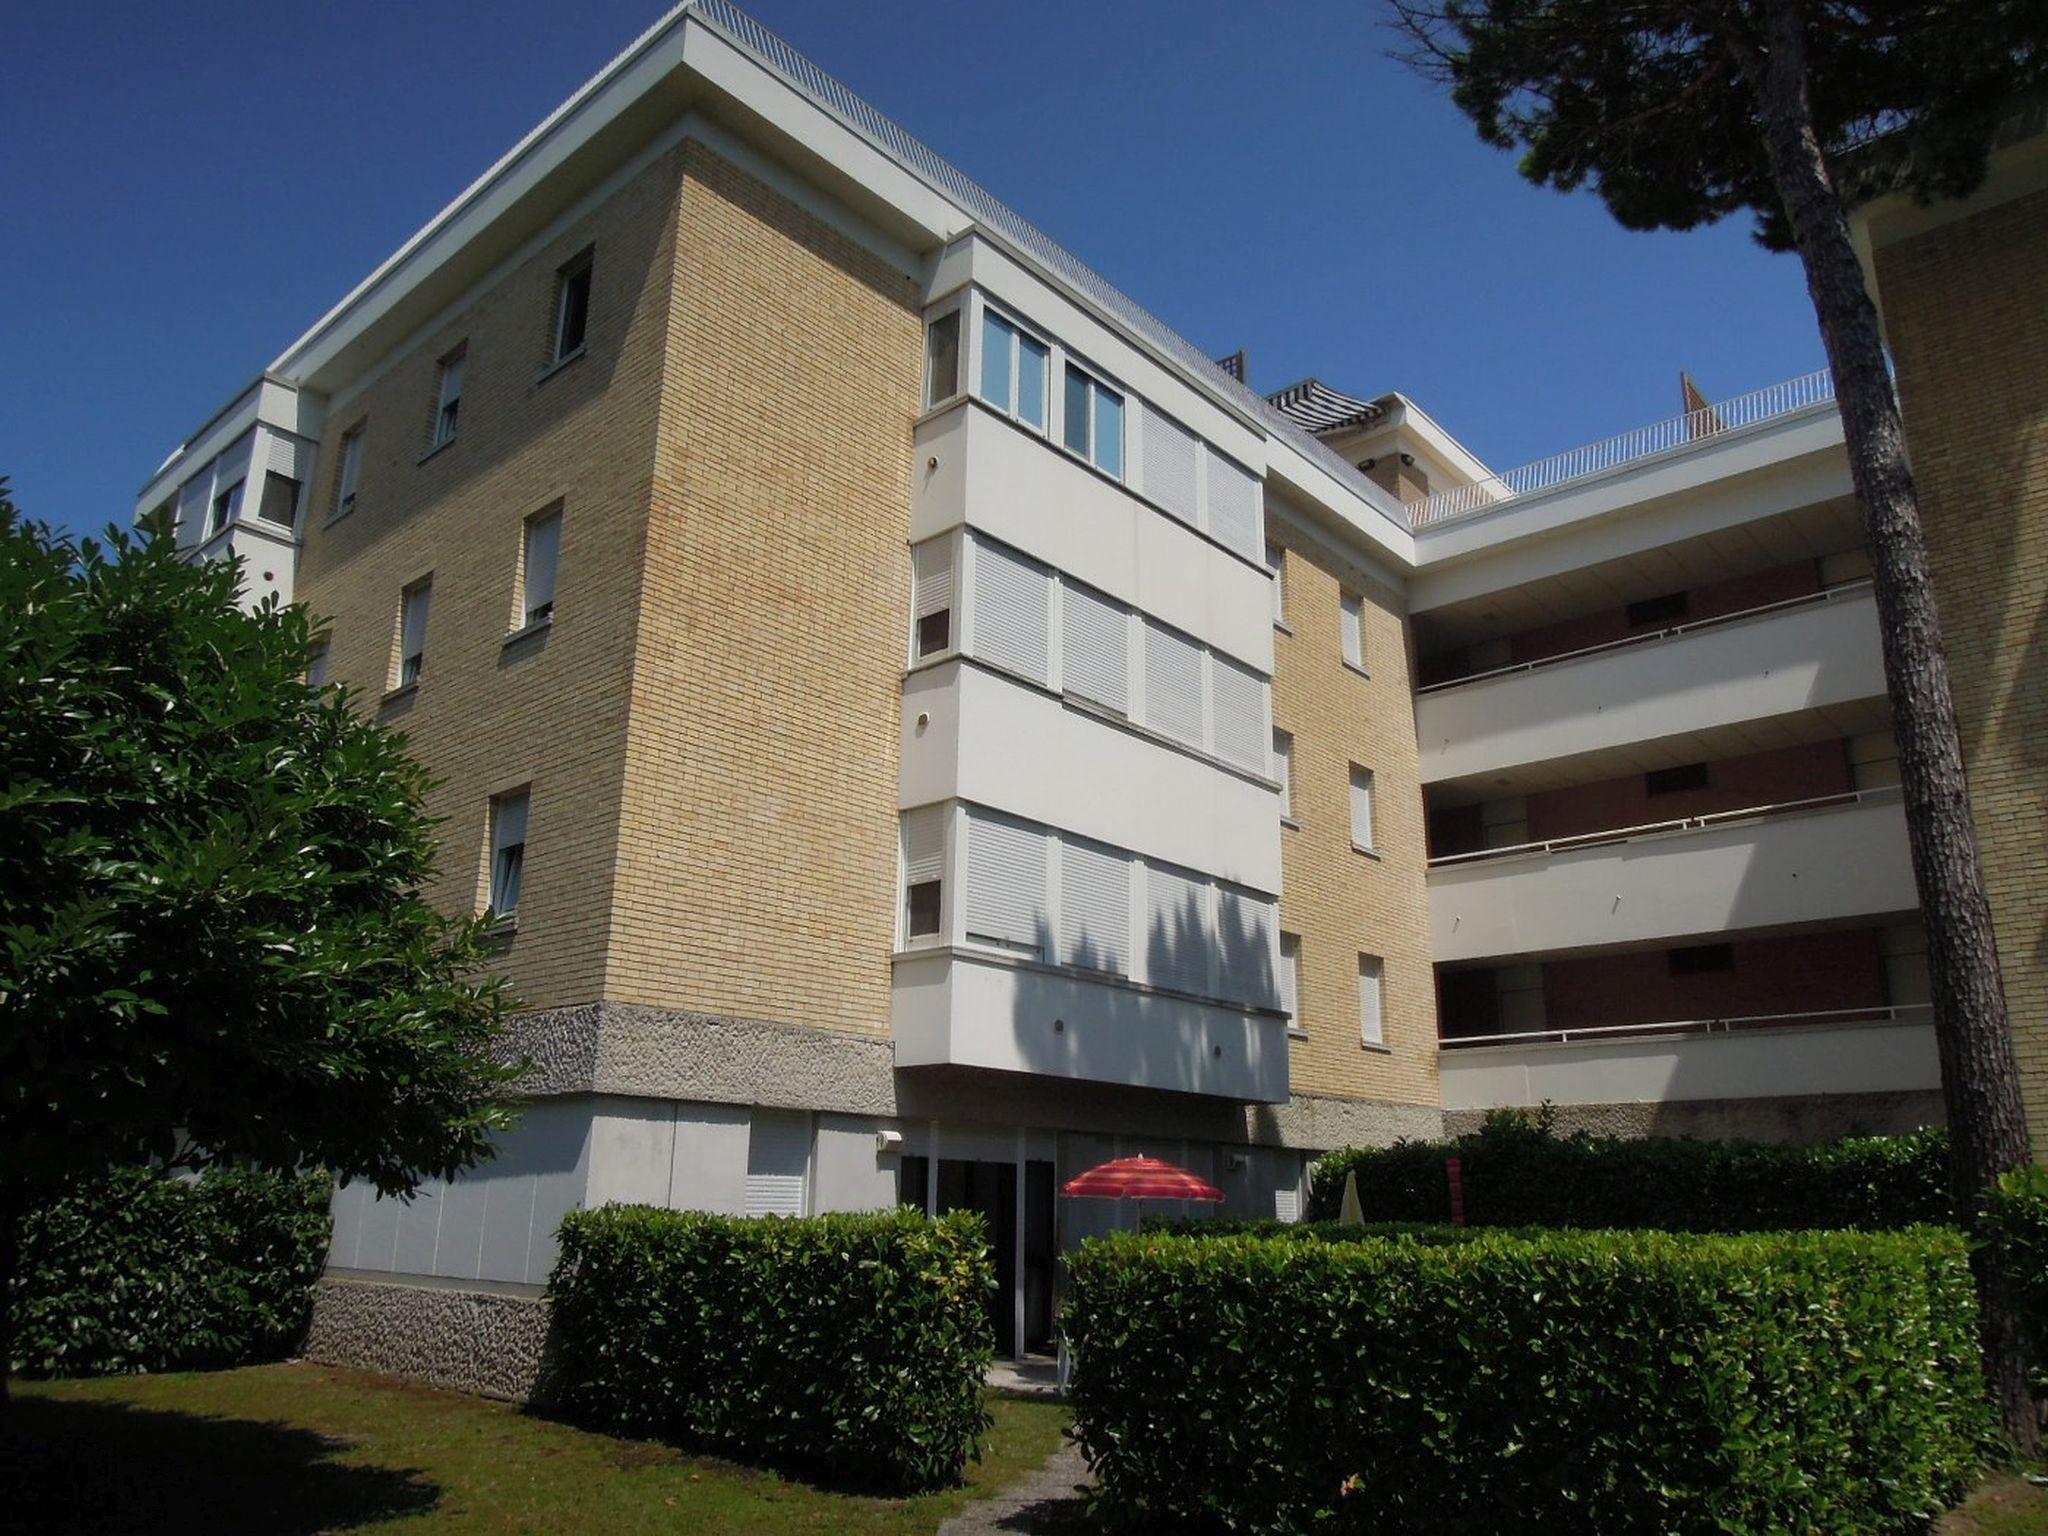 Ferienwohnung Residenz Pineda - Wohnung Tipo B1 AGMC (2989) (2807105), Bibione, Adriaküste (Venetien), Venetien, Italien, Bild 1